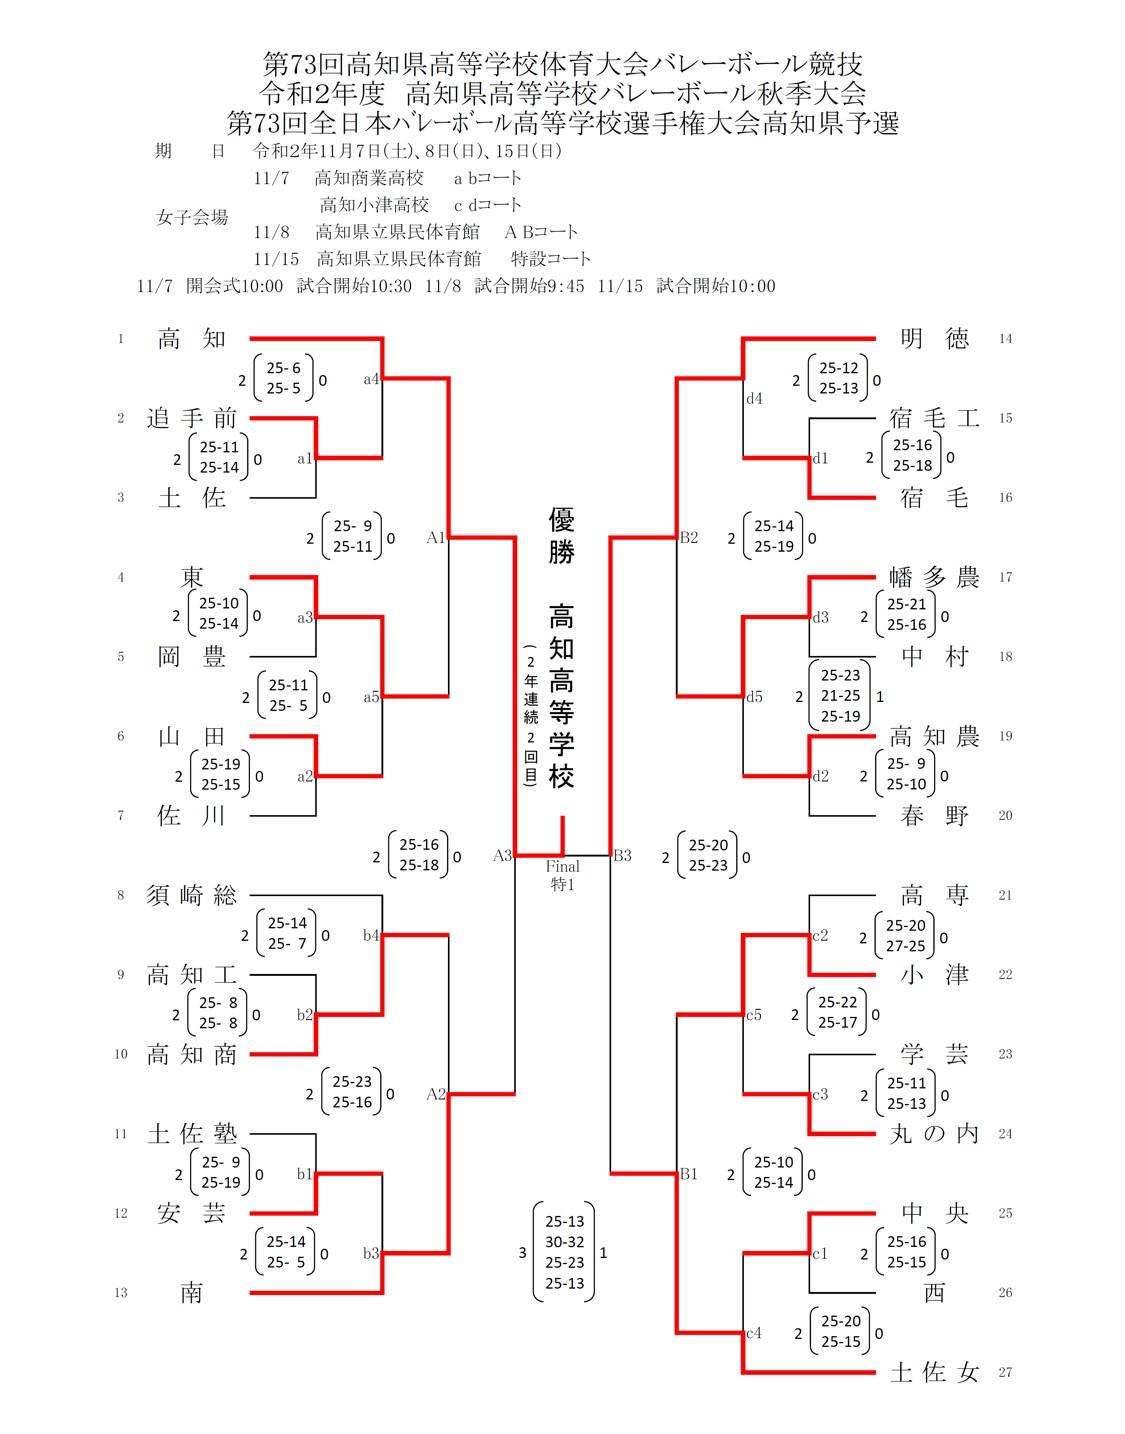 2020年度_全日本高校選手権_高知予選_女子_最終結果